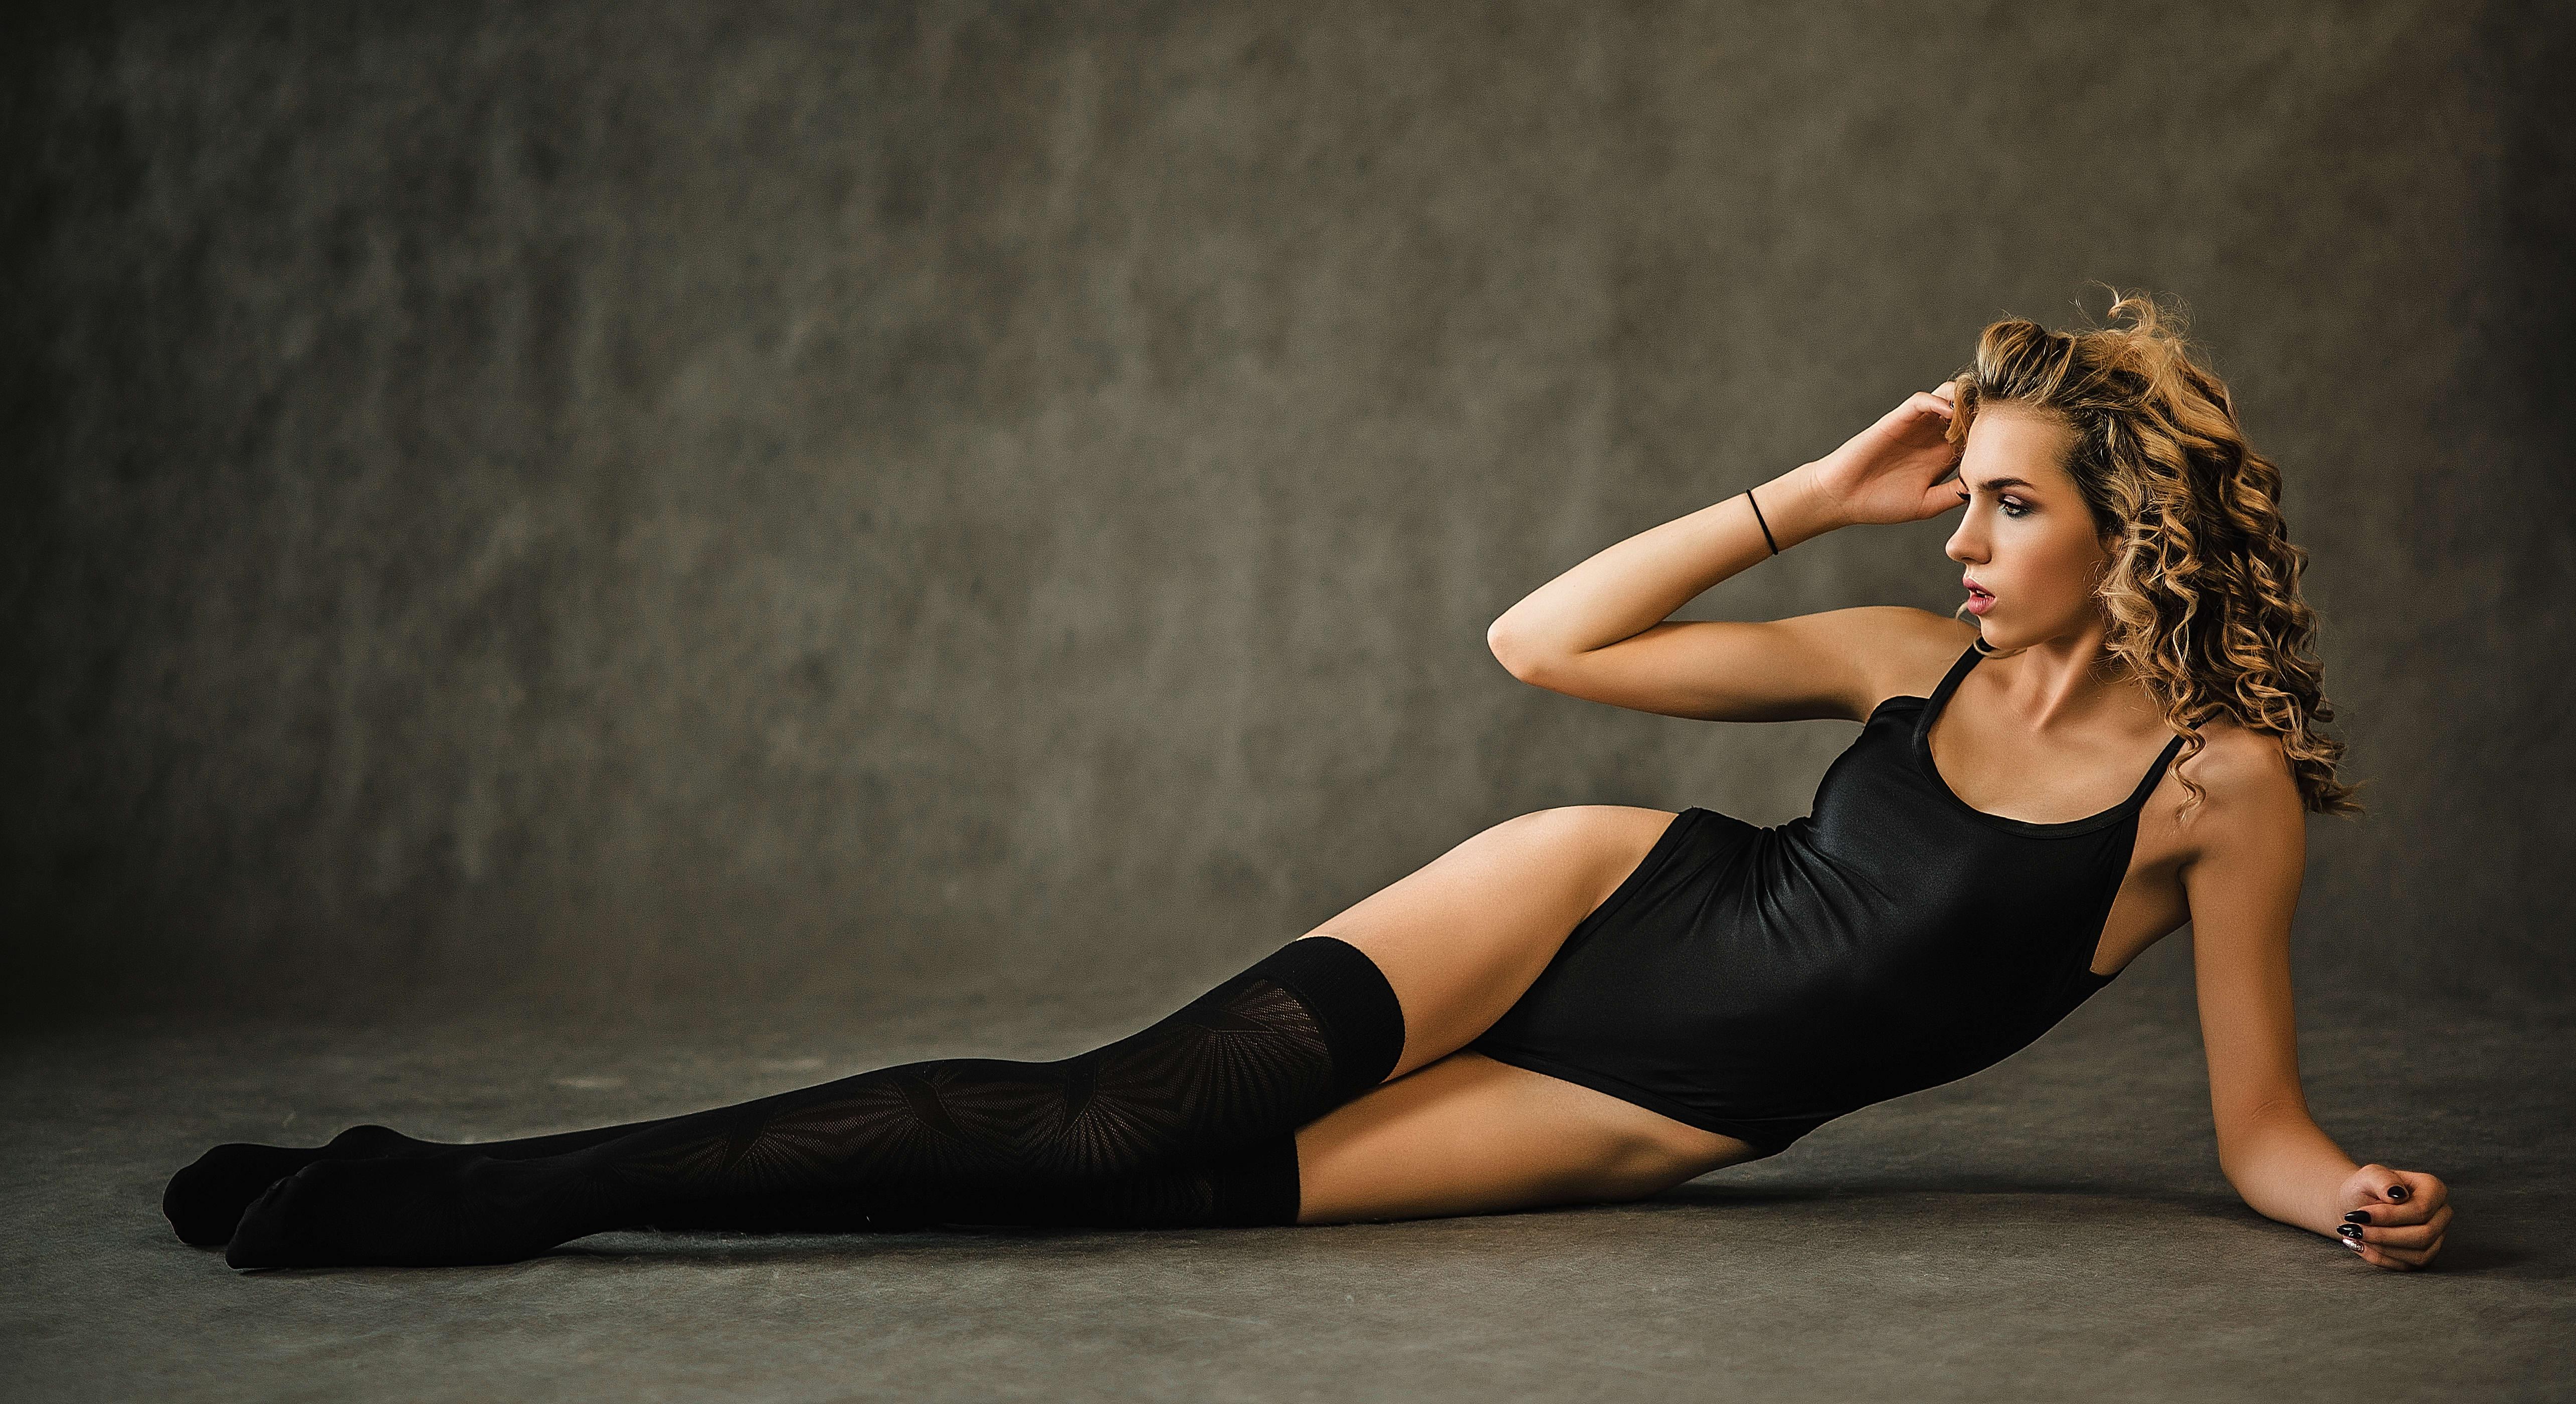 модель, красавица, студия, фотосессия, макияж, стиль, Васильев Владимир